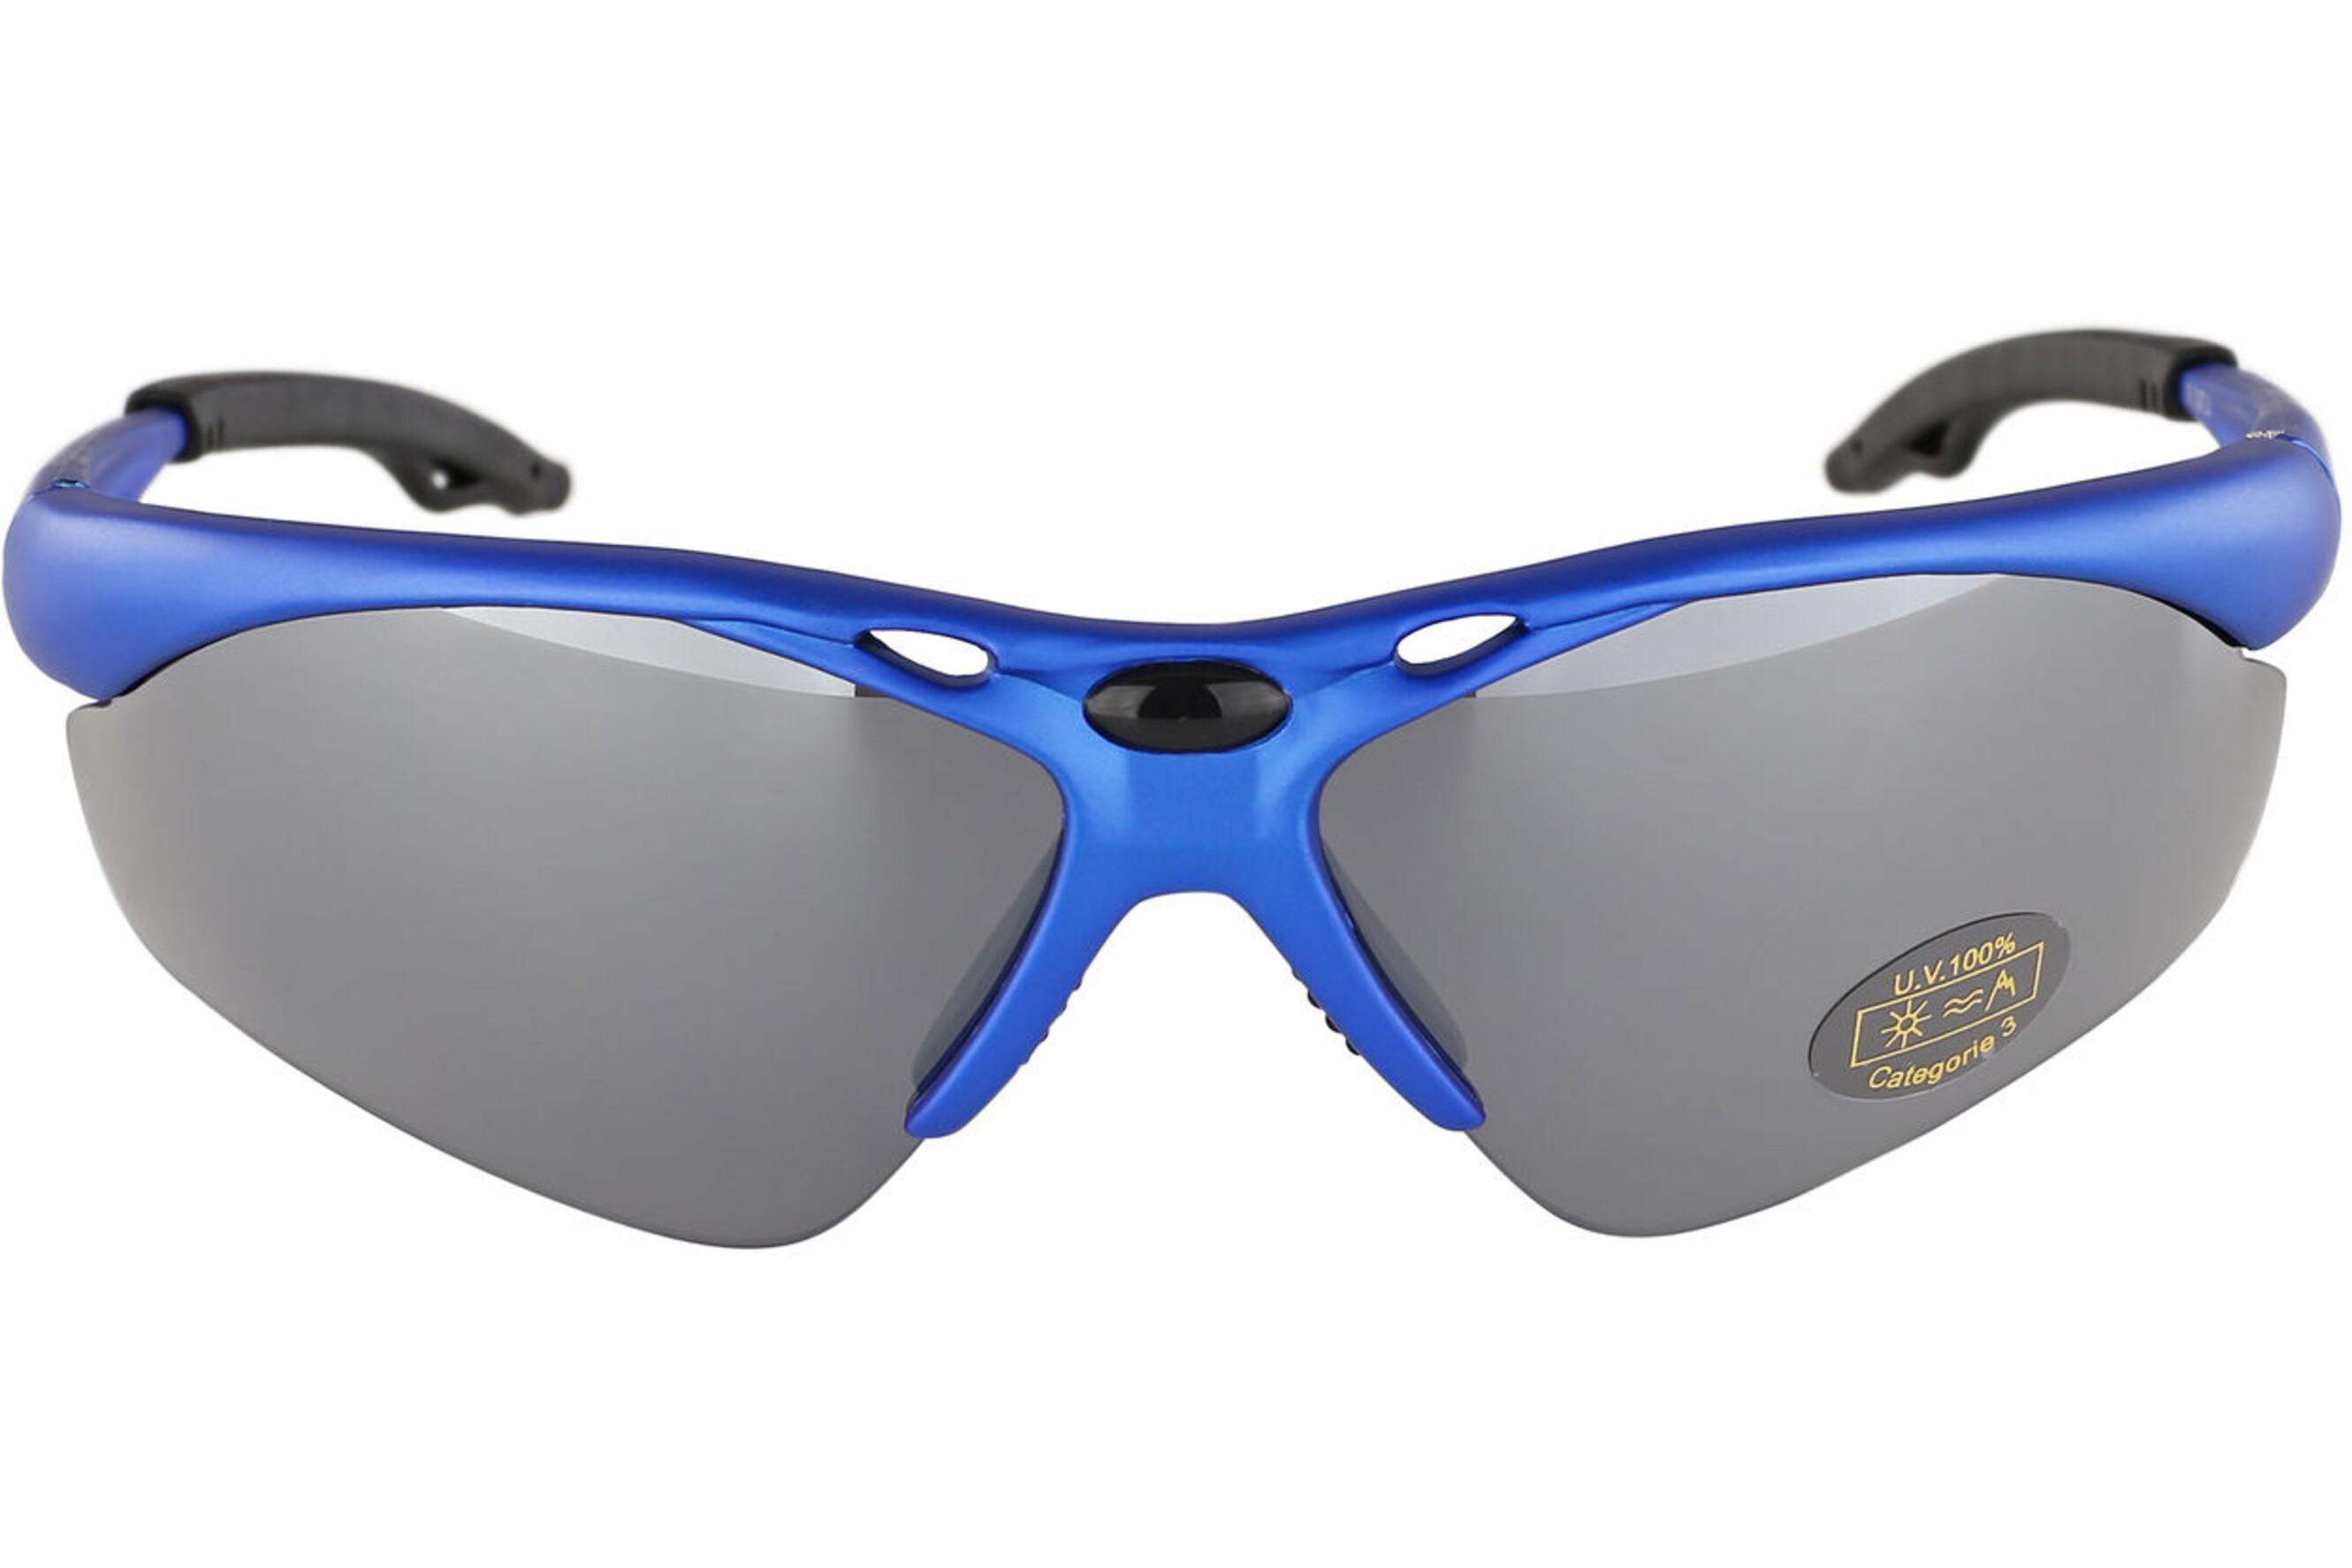 1a930481695fe7 XLC Tahiti - Lunettes de vélo - bleu - Boutique de vélos en ligne ...